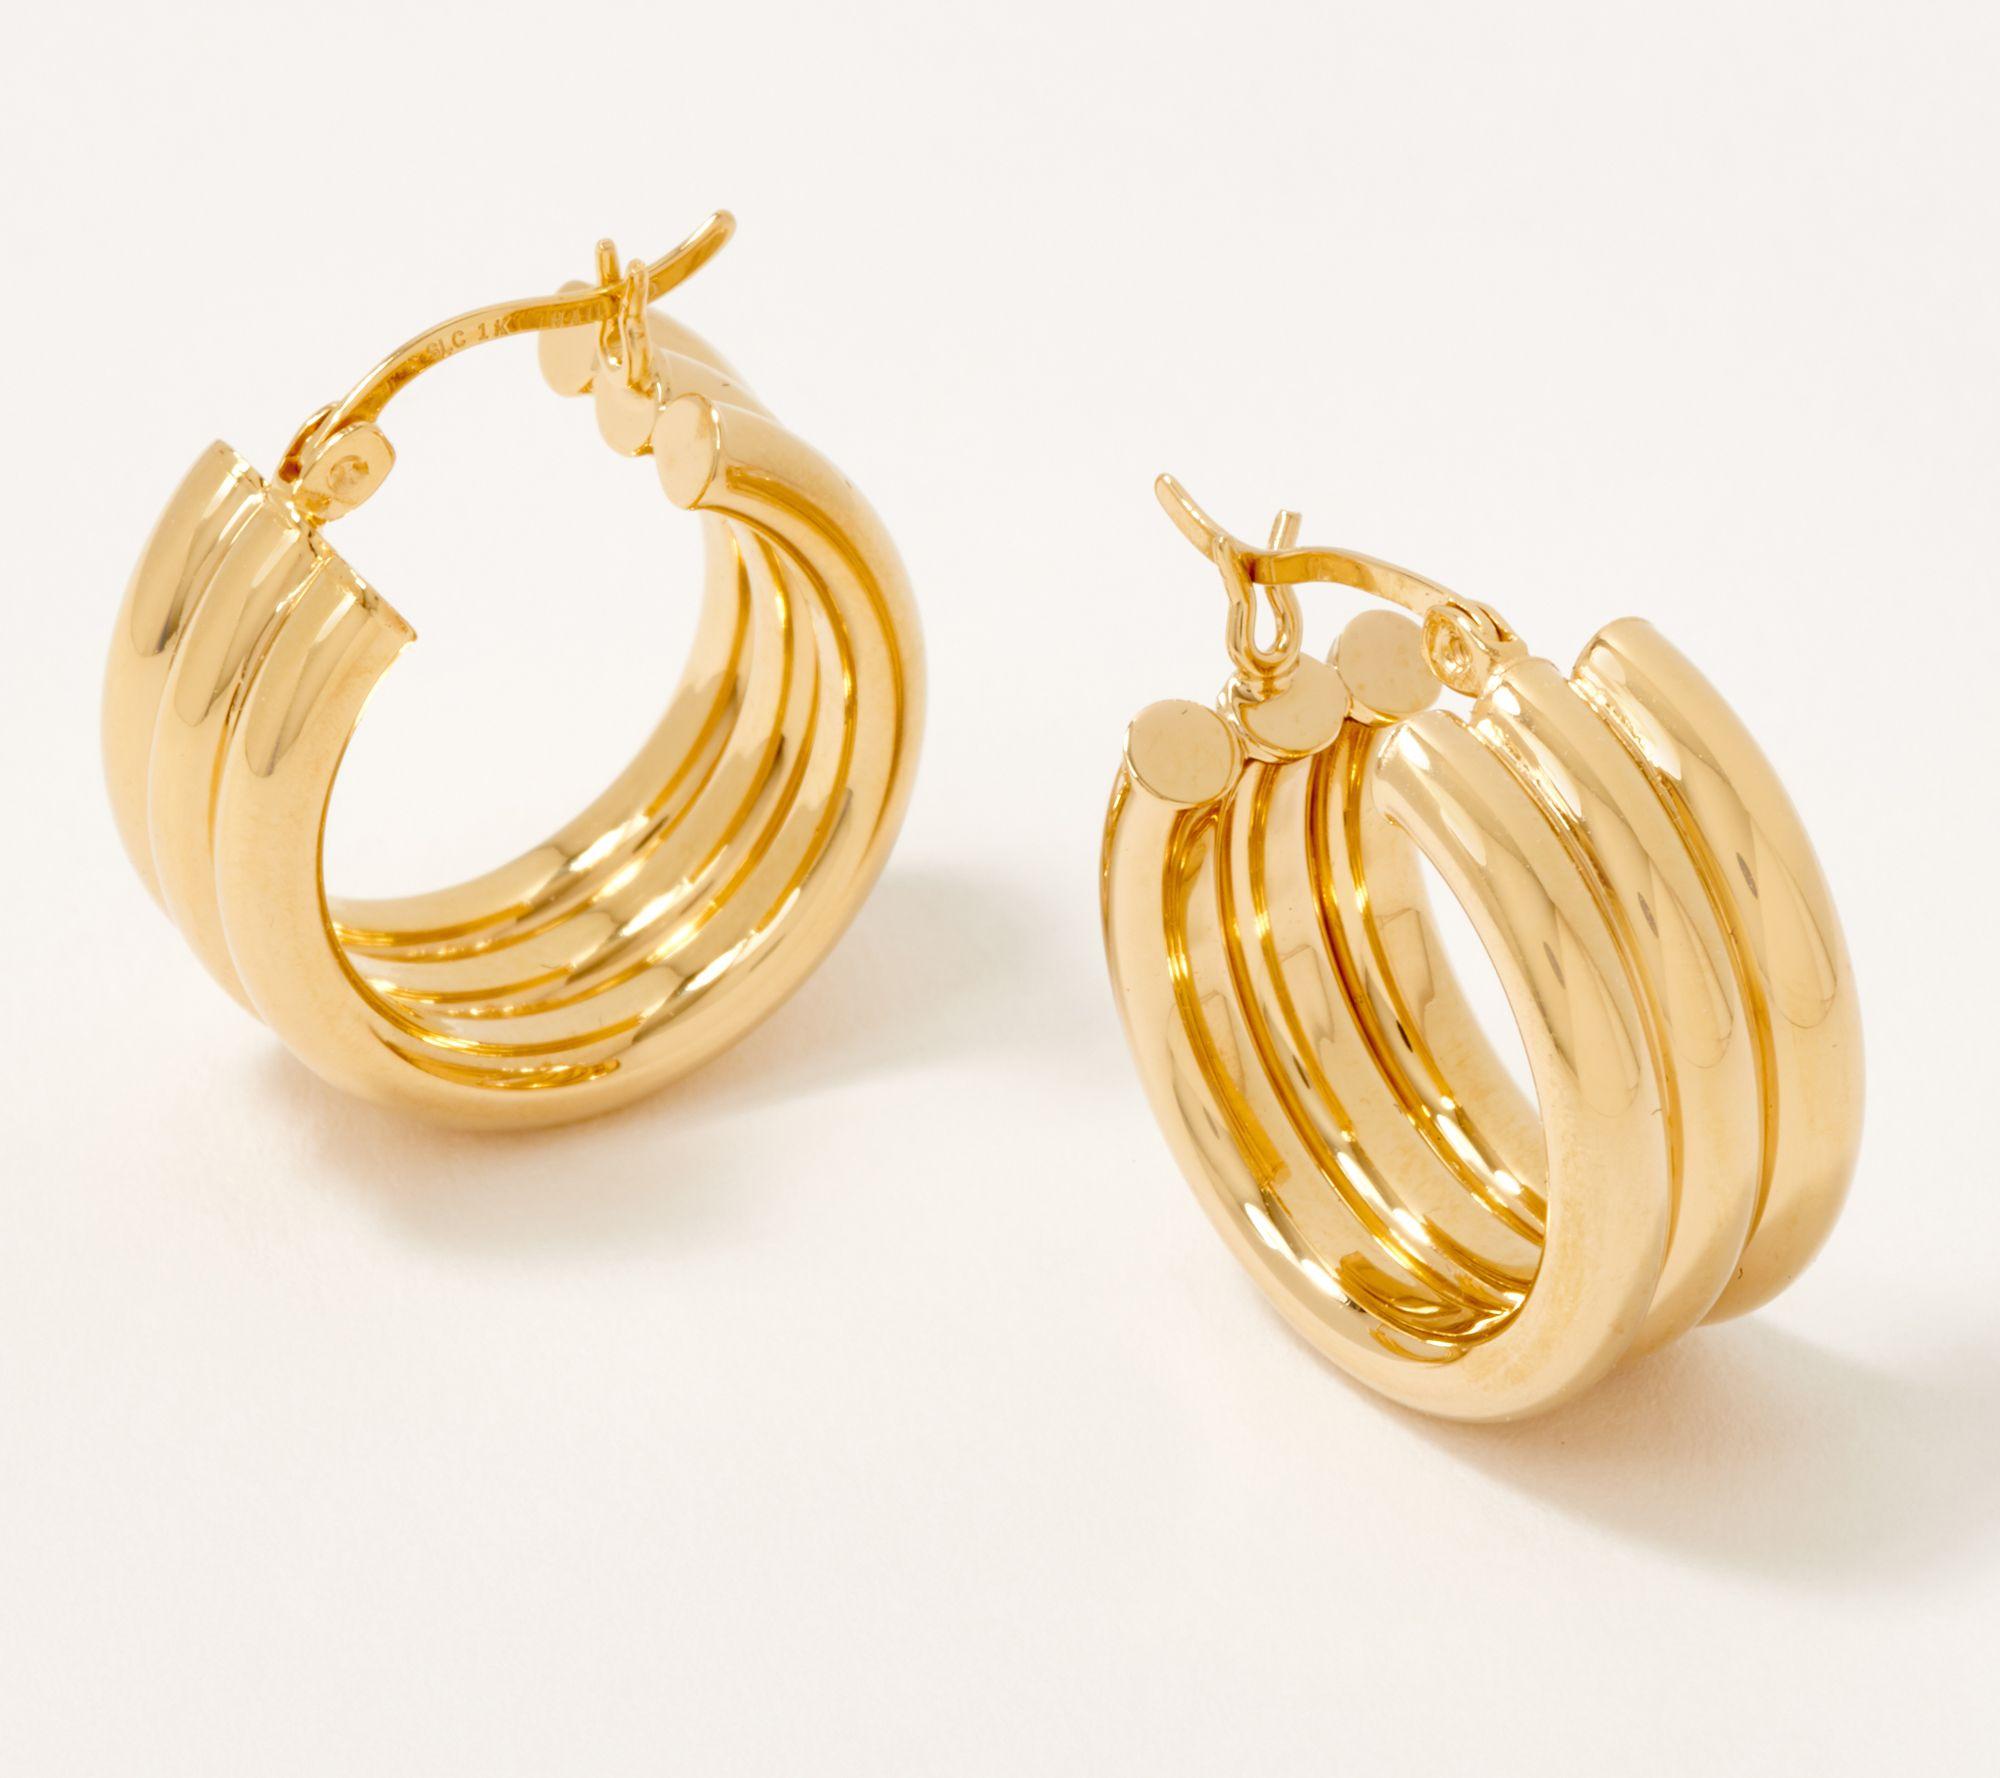 Hoop Earrings TRI COLOR SATIN//HP FINISH RND SHAPE HOOP